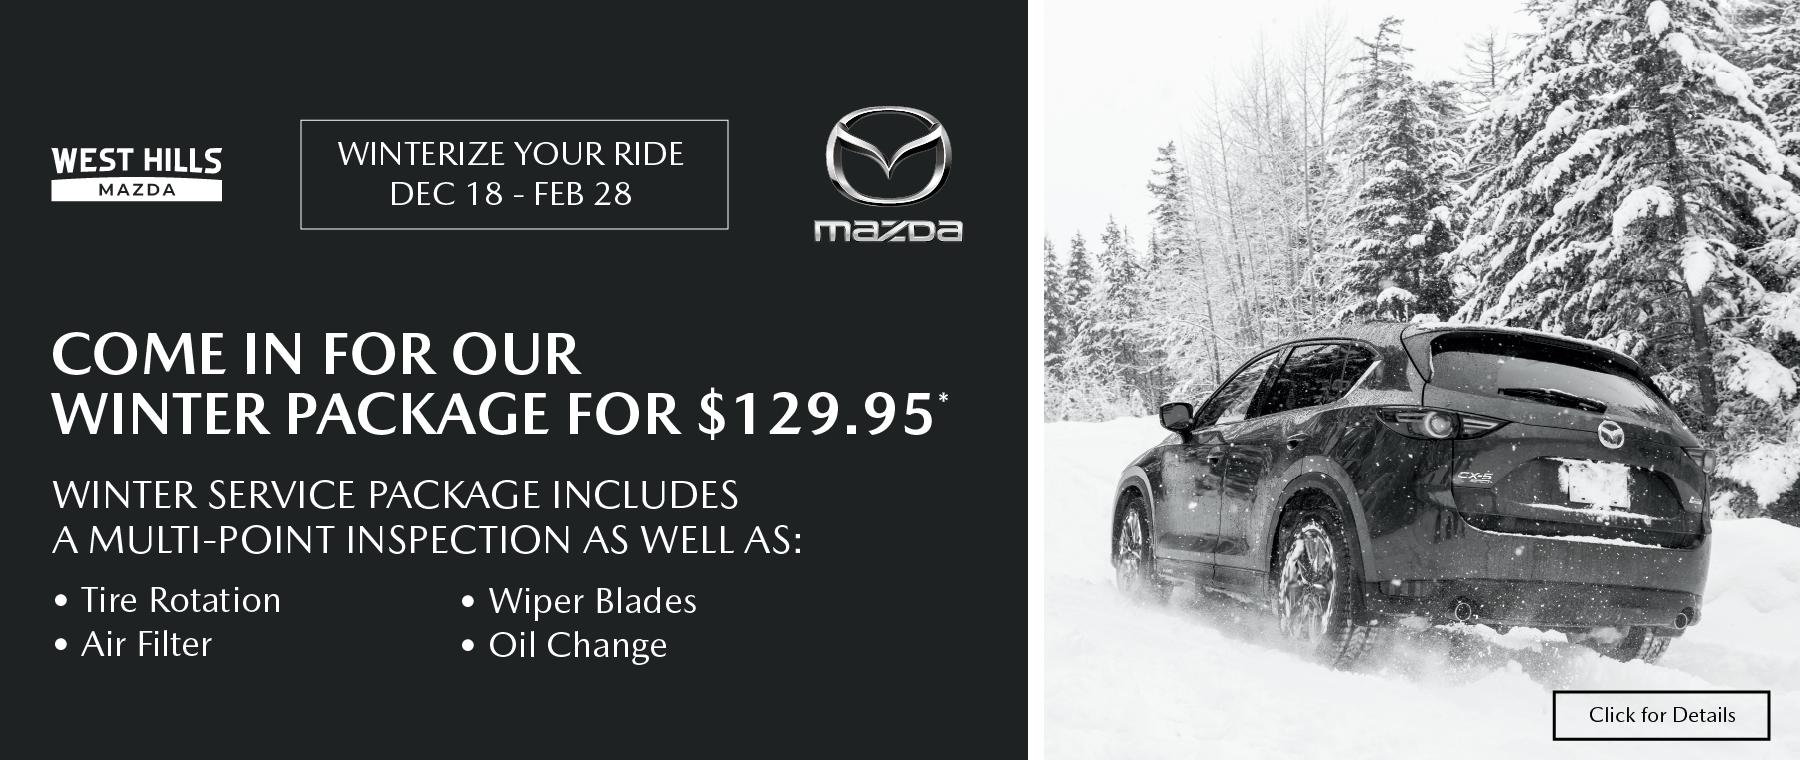 11748 – NOV20 – WHAP – Winter Service Campaign – Webslides_Mazda – 1800×760